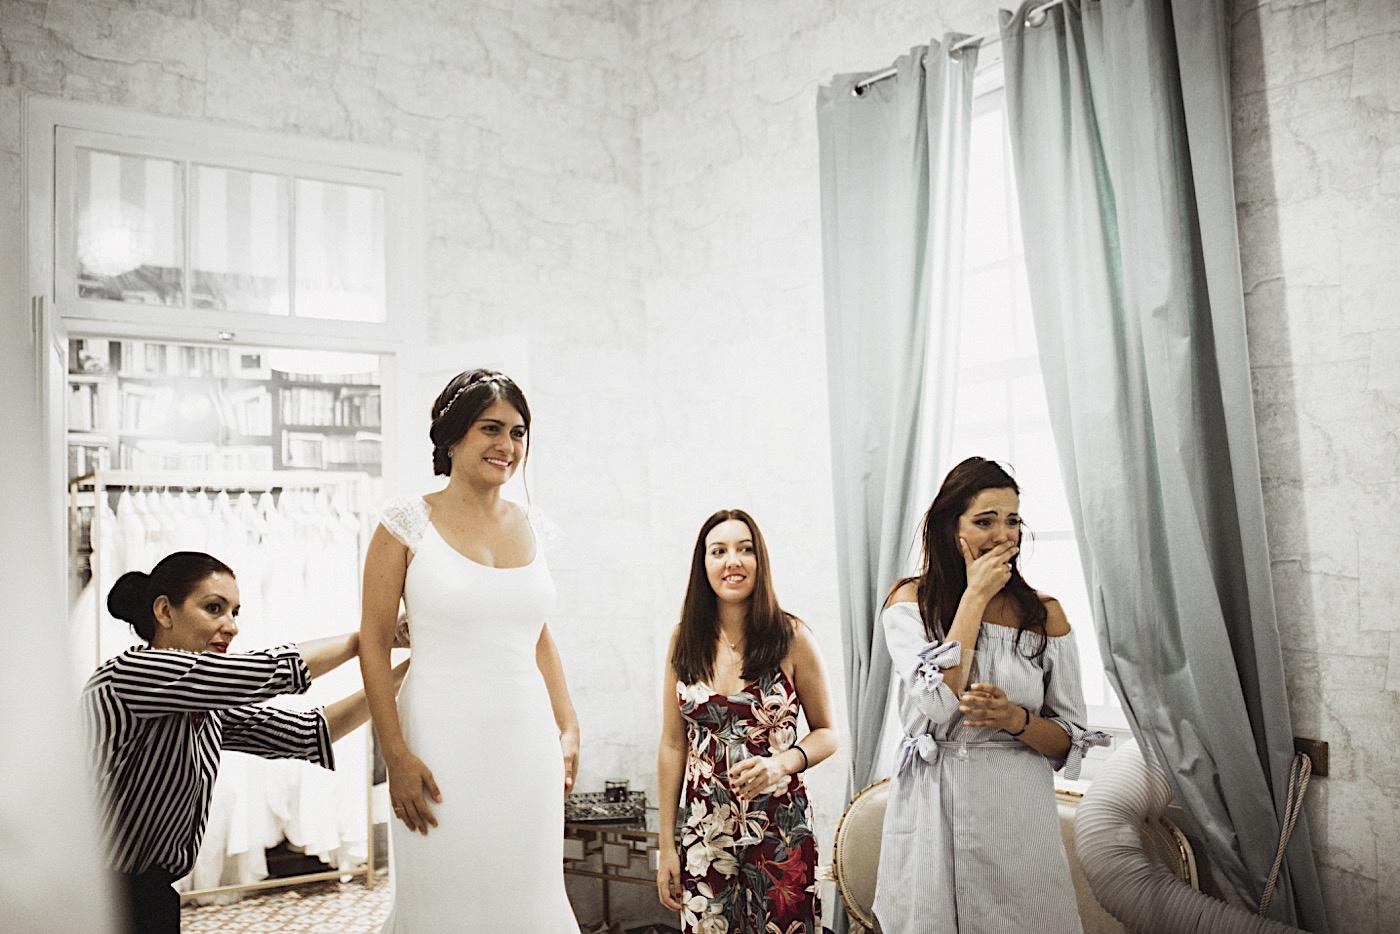 prueba del vestido de novia en blumynt